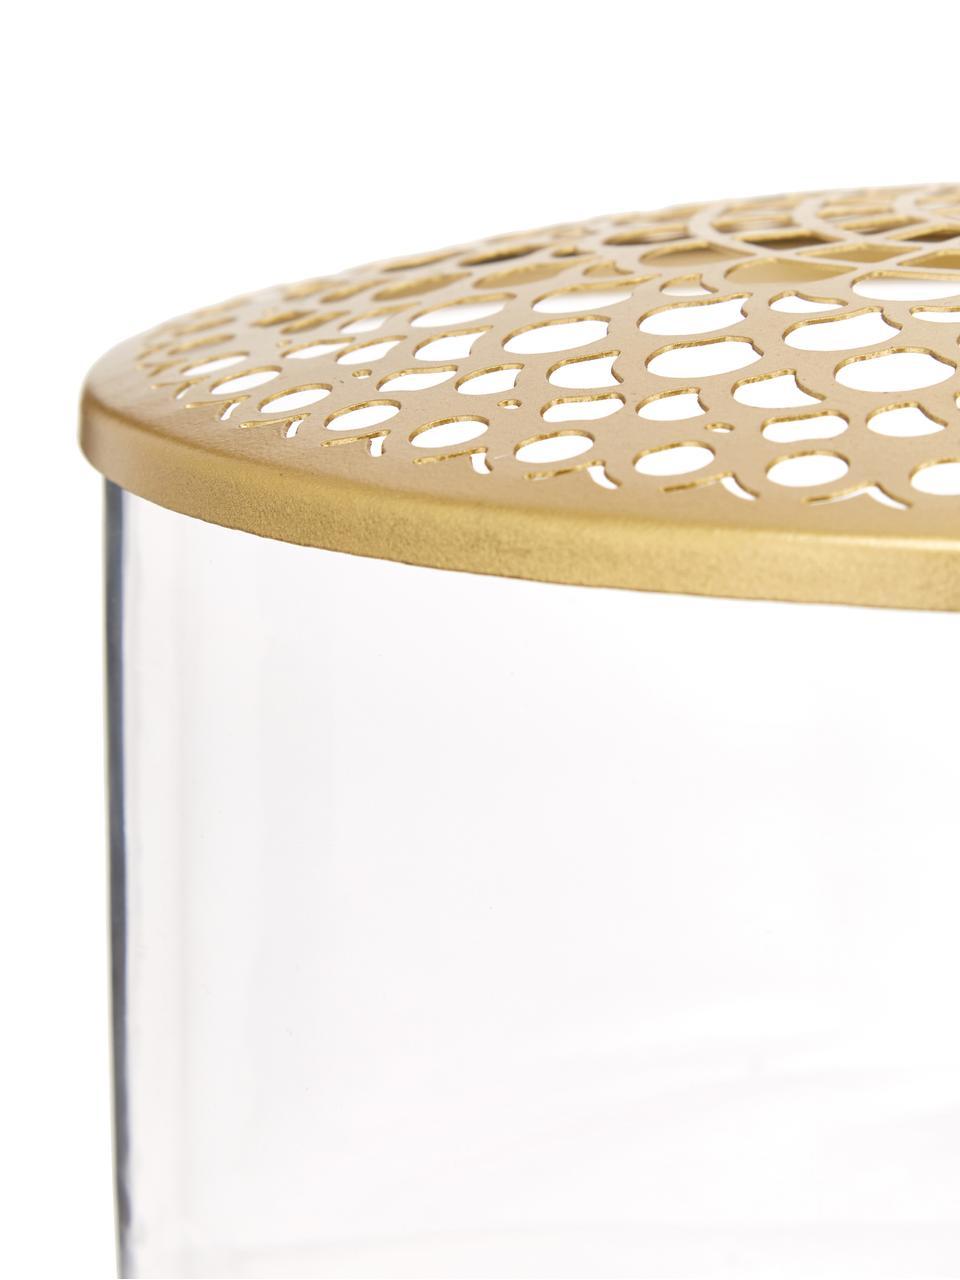 Vaso con coperchio in metallo Kassandra, Vaso: vetro, Coperchio: acciaio inossidabile otto, Vaso: trasparente Coperchio: ottone, Ø 21 x Alt. 10 cm